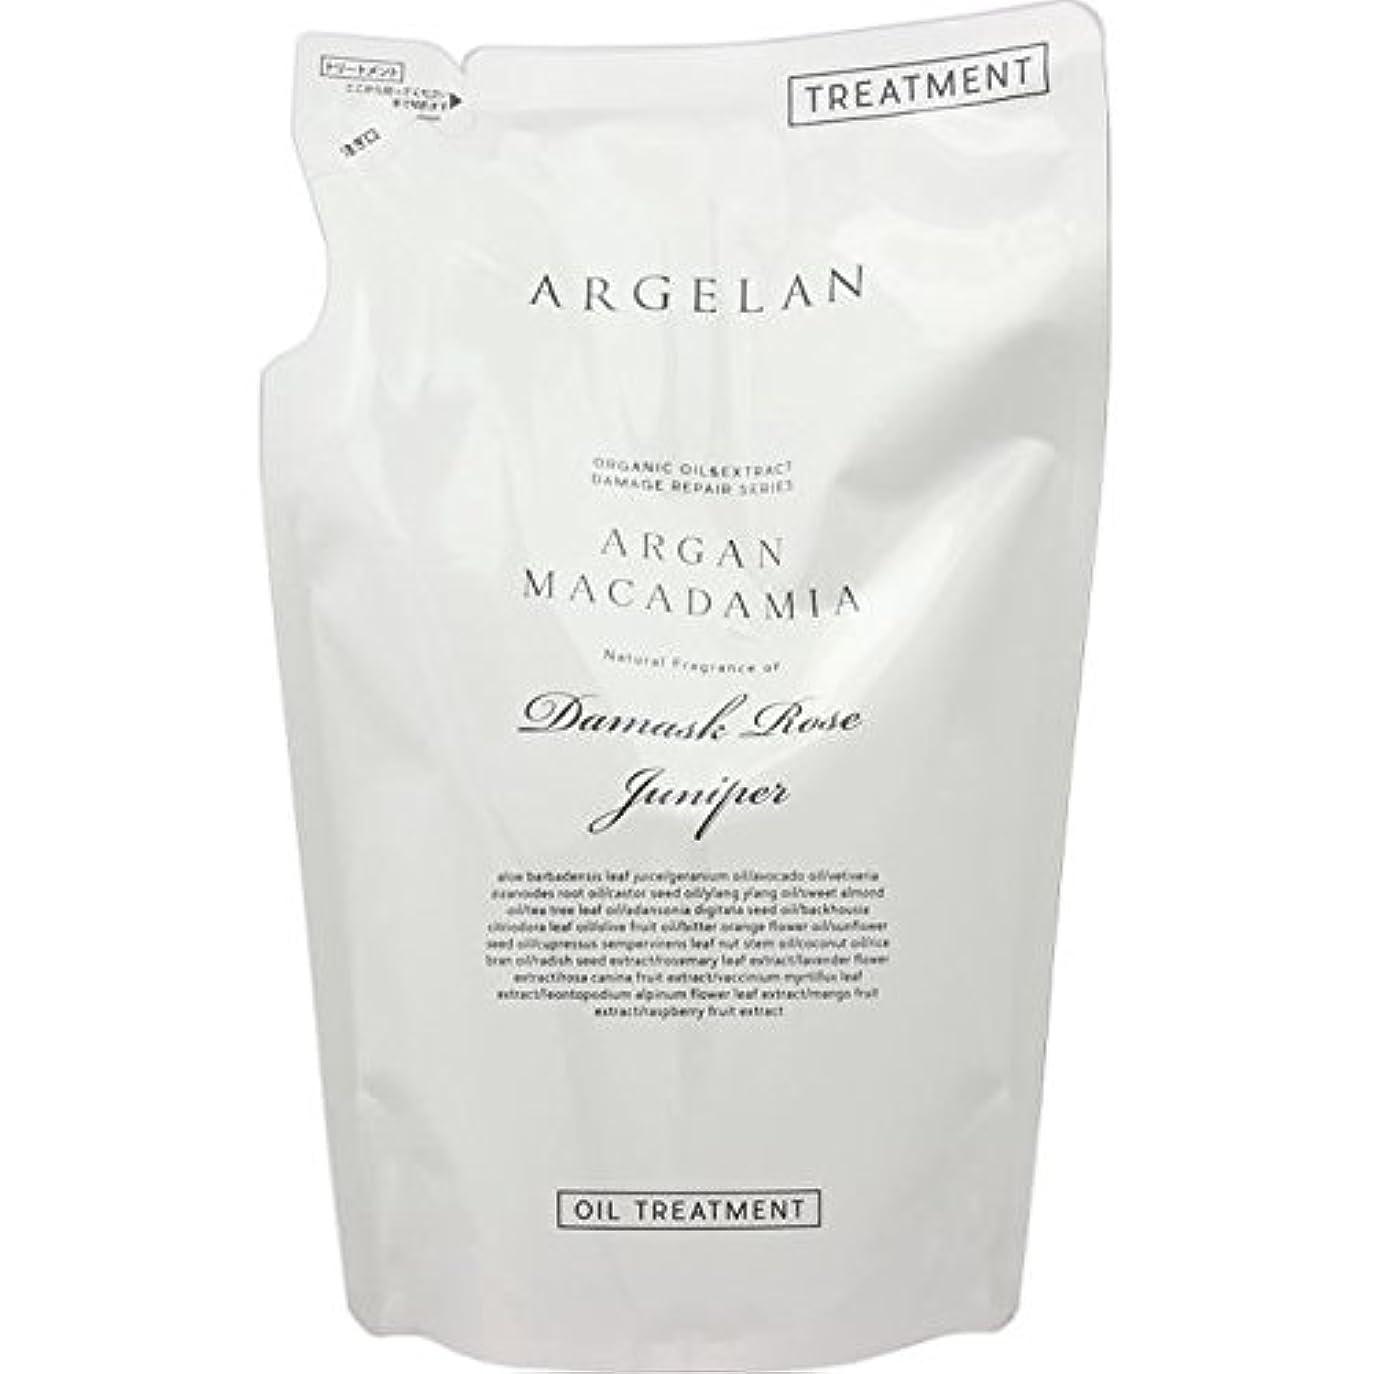 どのくらいの頻度で最初距離アルジェラン オーガニック 手搾りアルガン オイル トリートメント 詰替え用 400ml詰替